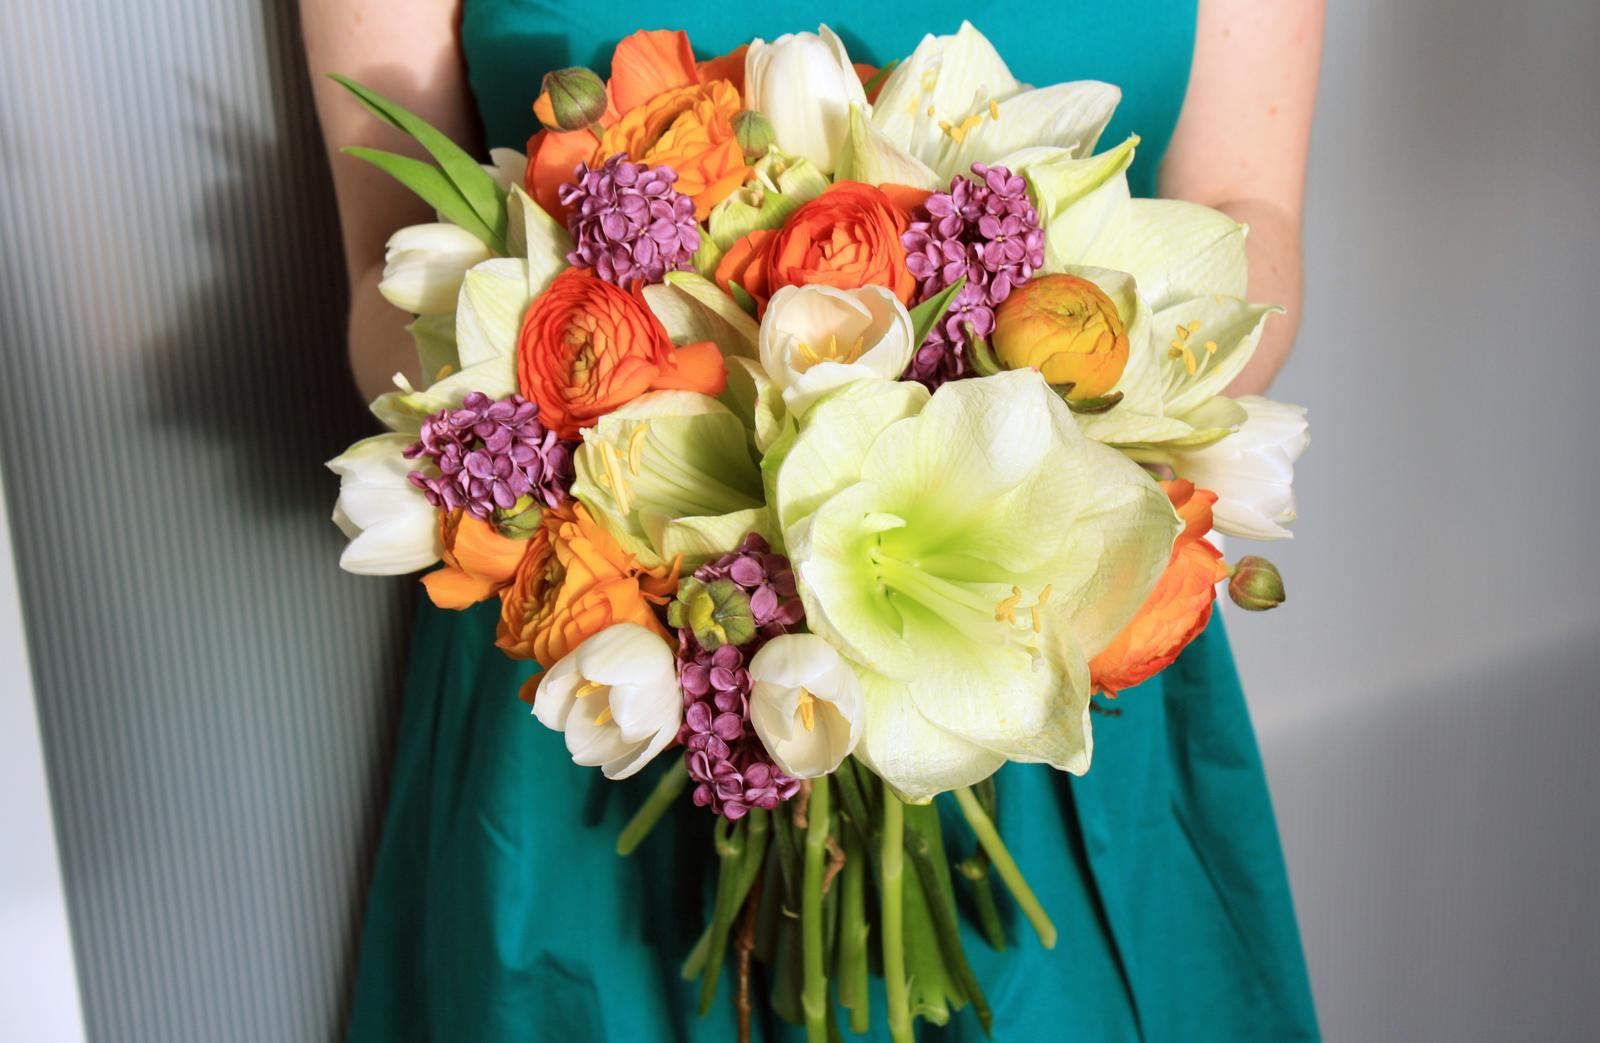 Kvetinové tvorenie - vyhýbanie sa učeniu na skúšky